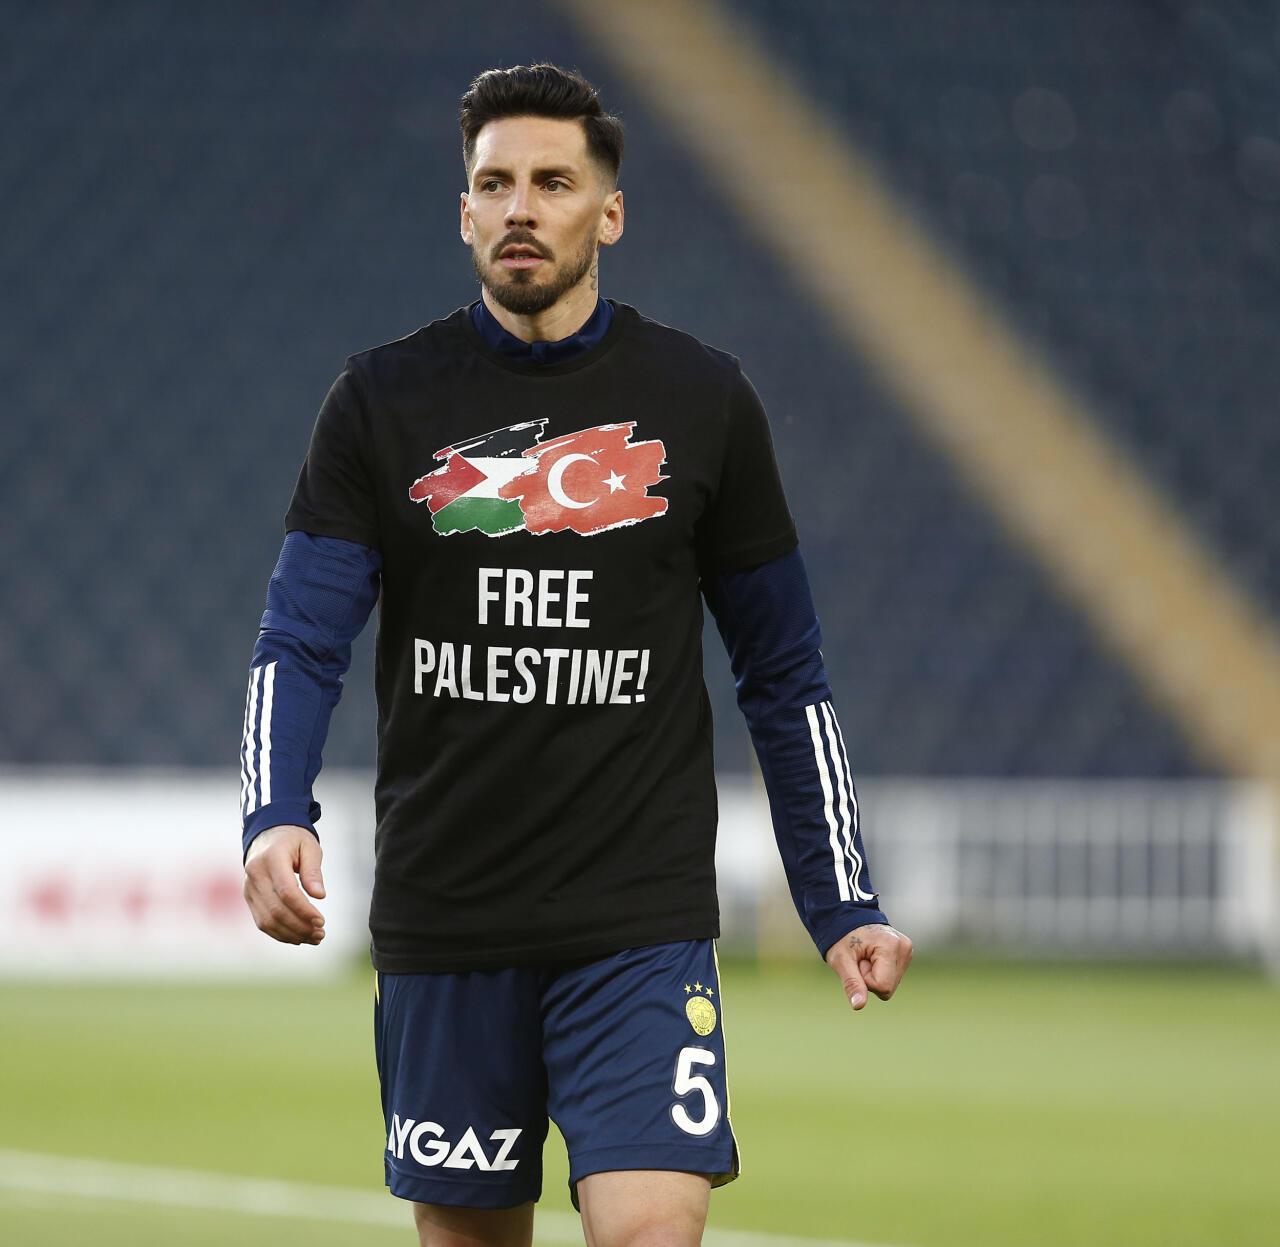 Озил и другие игроки «Фенербахче» вышли на тренировку в футболках со словами поддержки Палестины